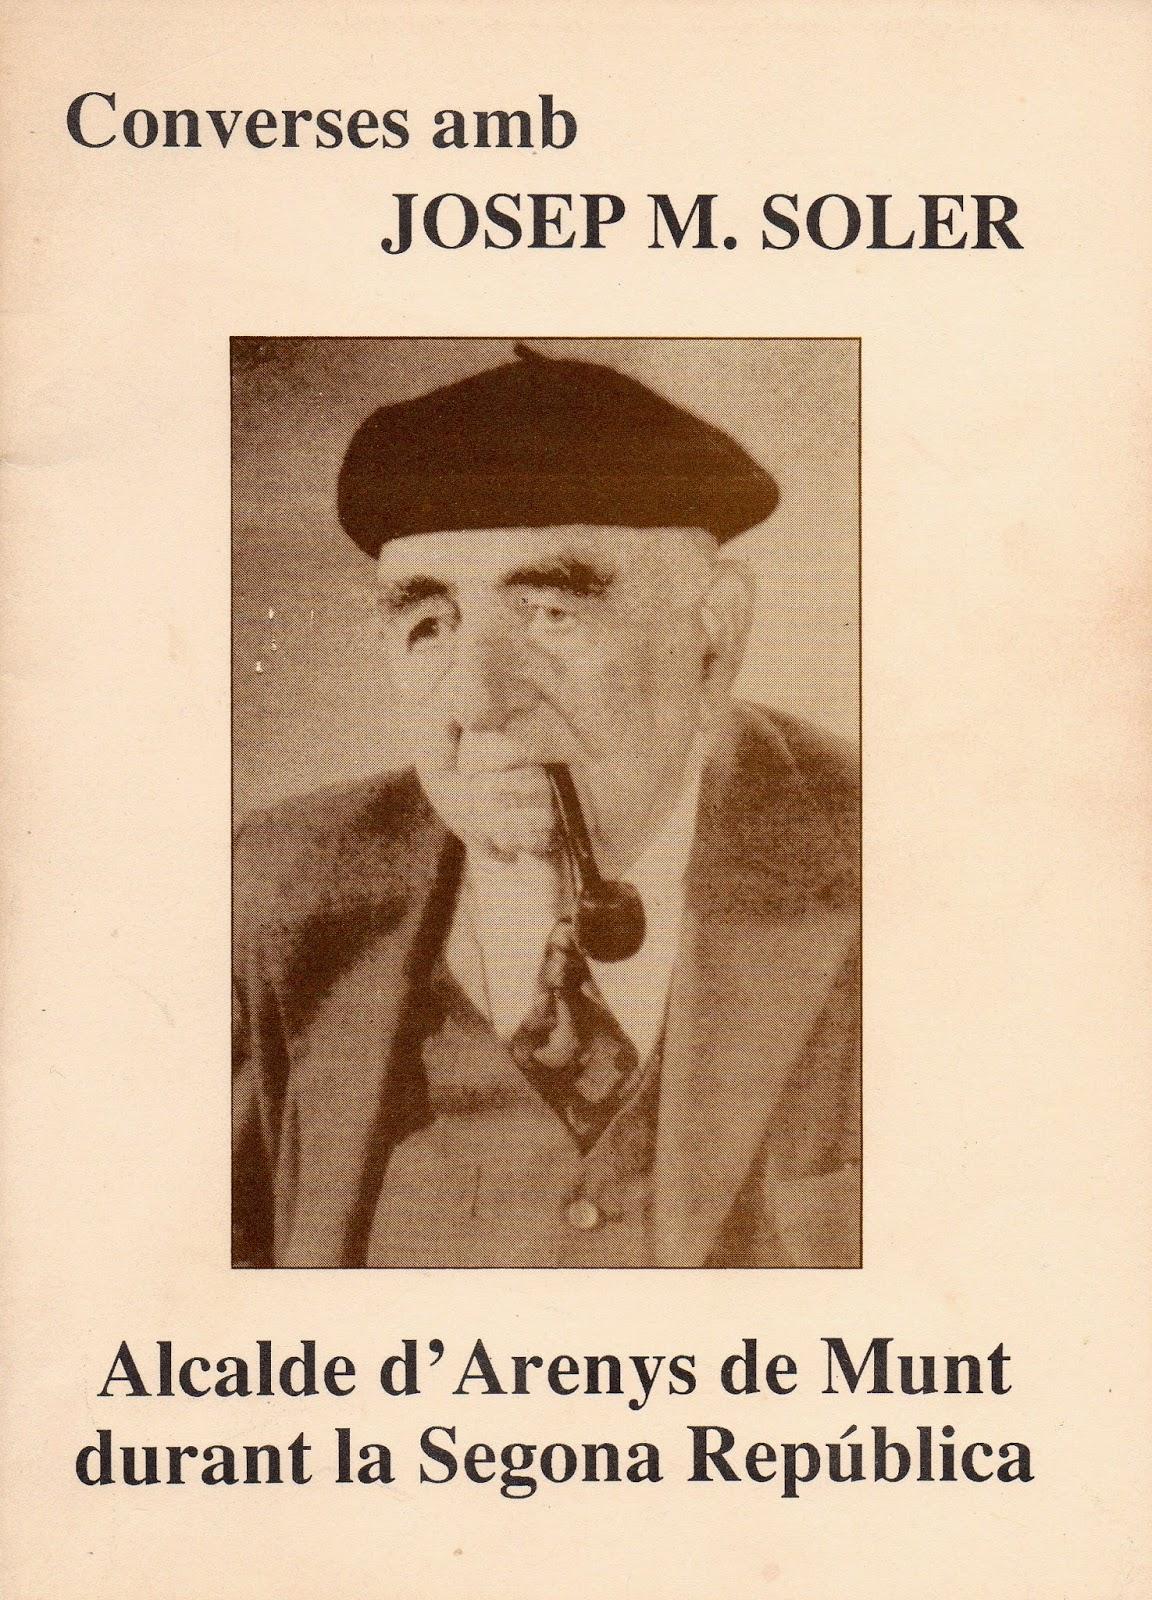 Josep Maria Soler Segona República